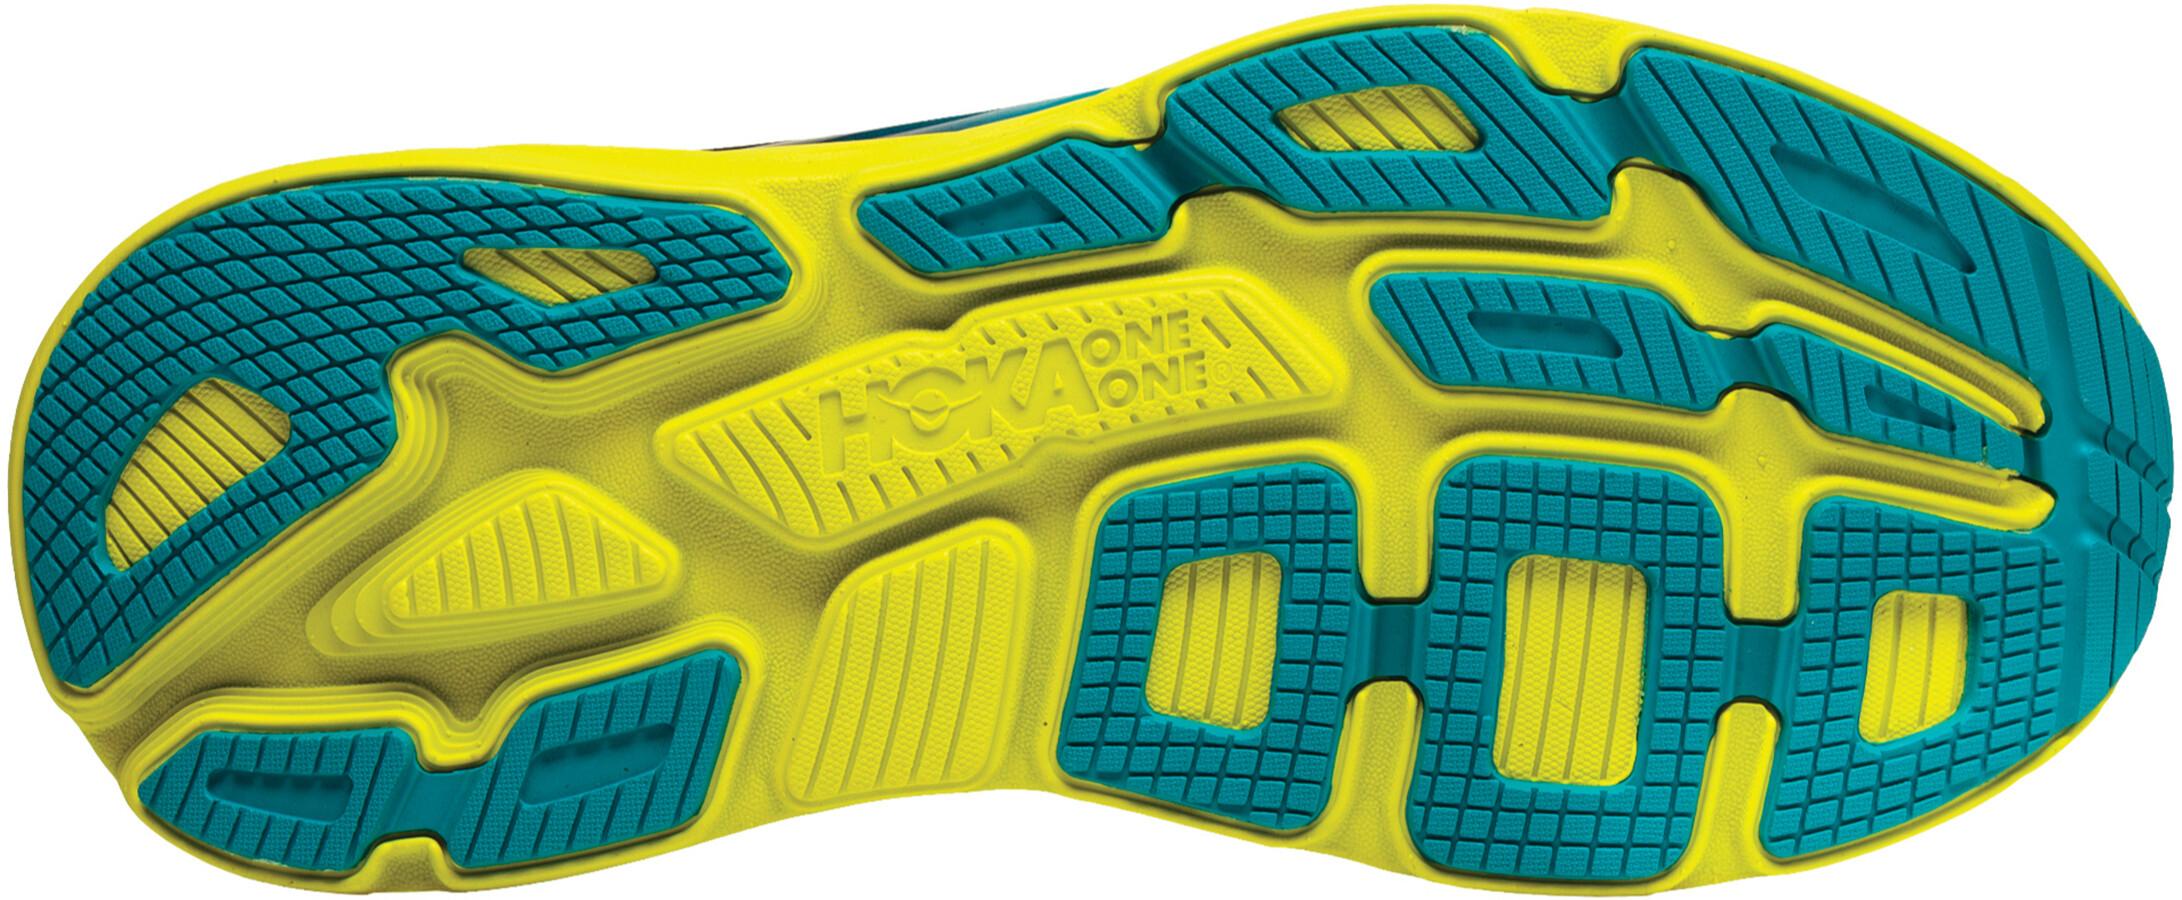 new arrivals 5988c ca11f Hoka One One Bondi 6 - Chaussures running Homme - jaune bleu